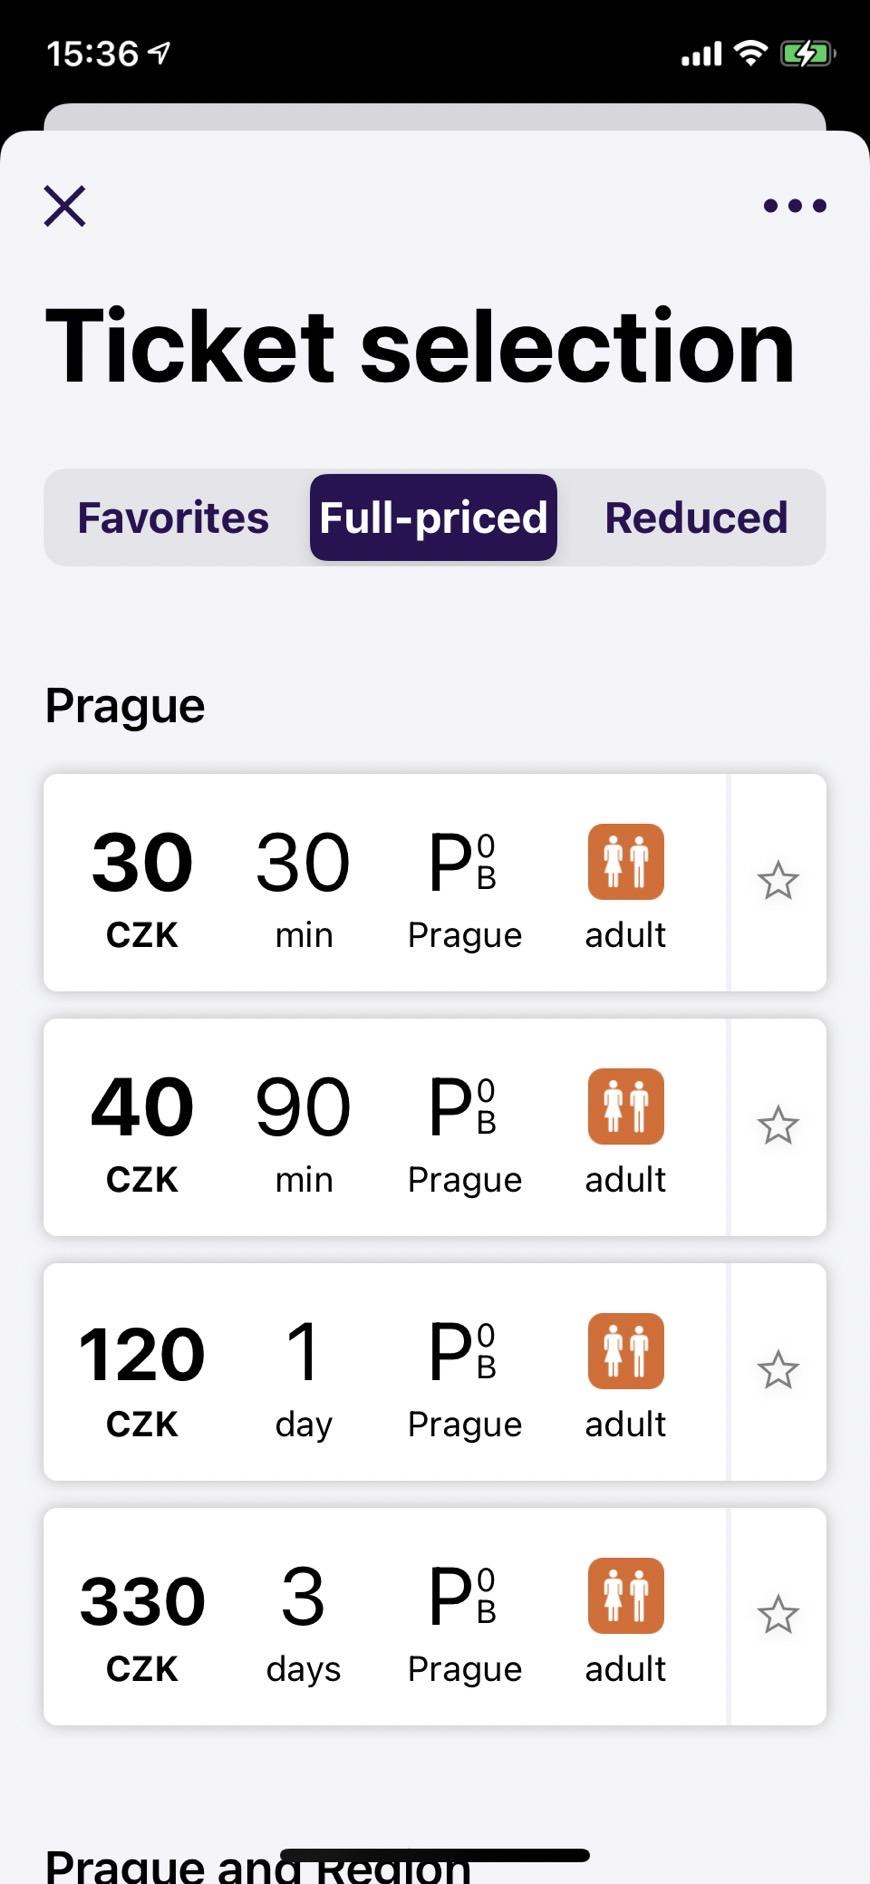 2021布拉格交通票券|布拉格電車、布拉格公車、布拉格地鐵、布拉格車票、票種票價、搭乘方式以及注意事項